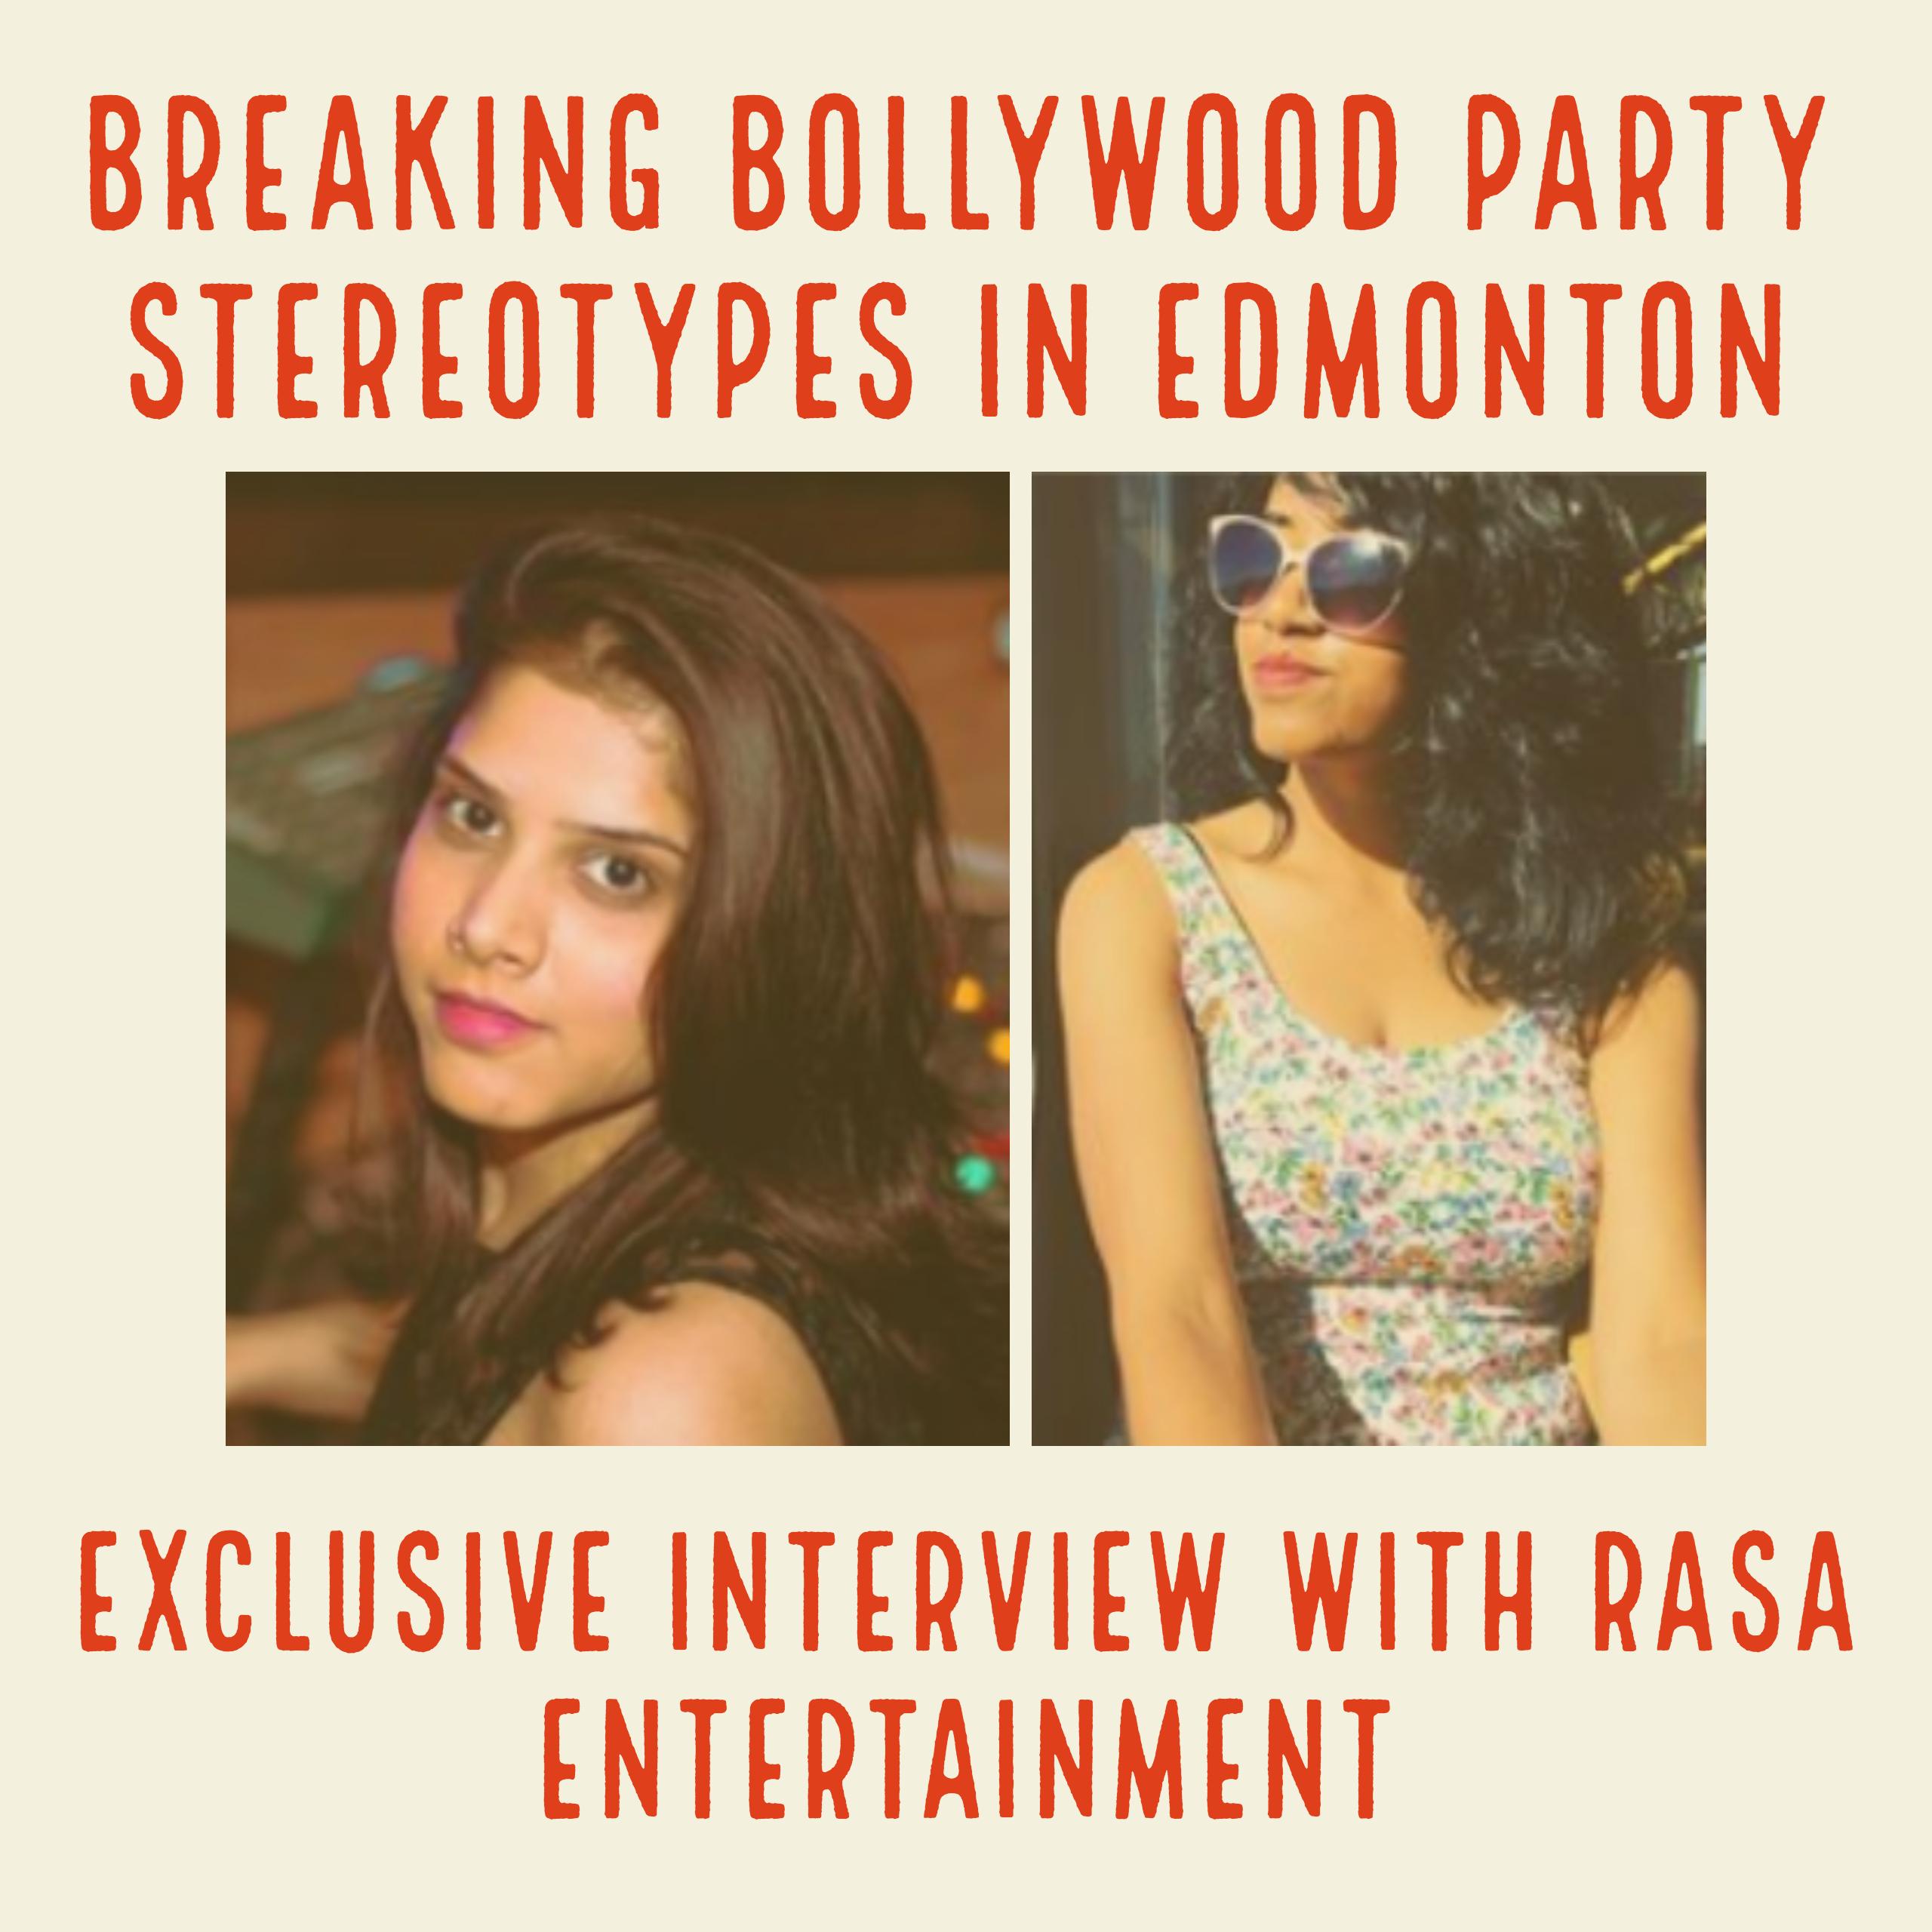 Rasa Entertainment